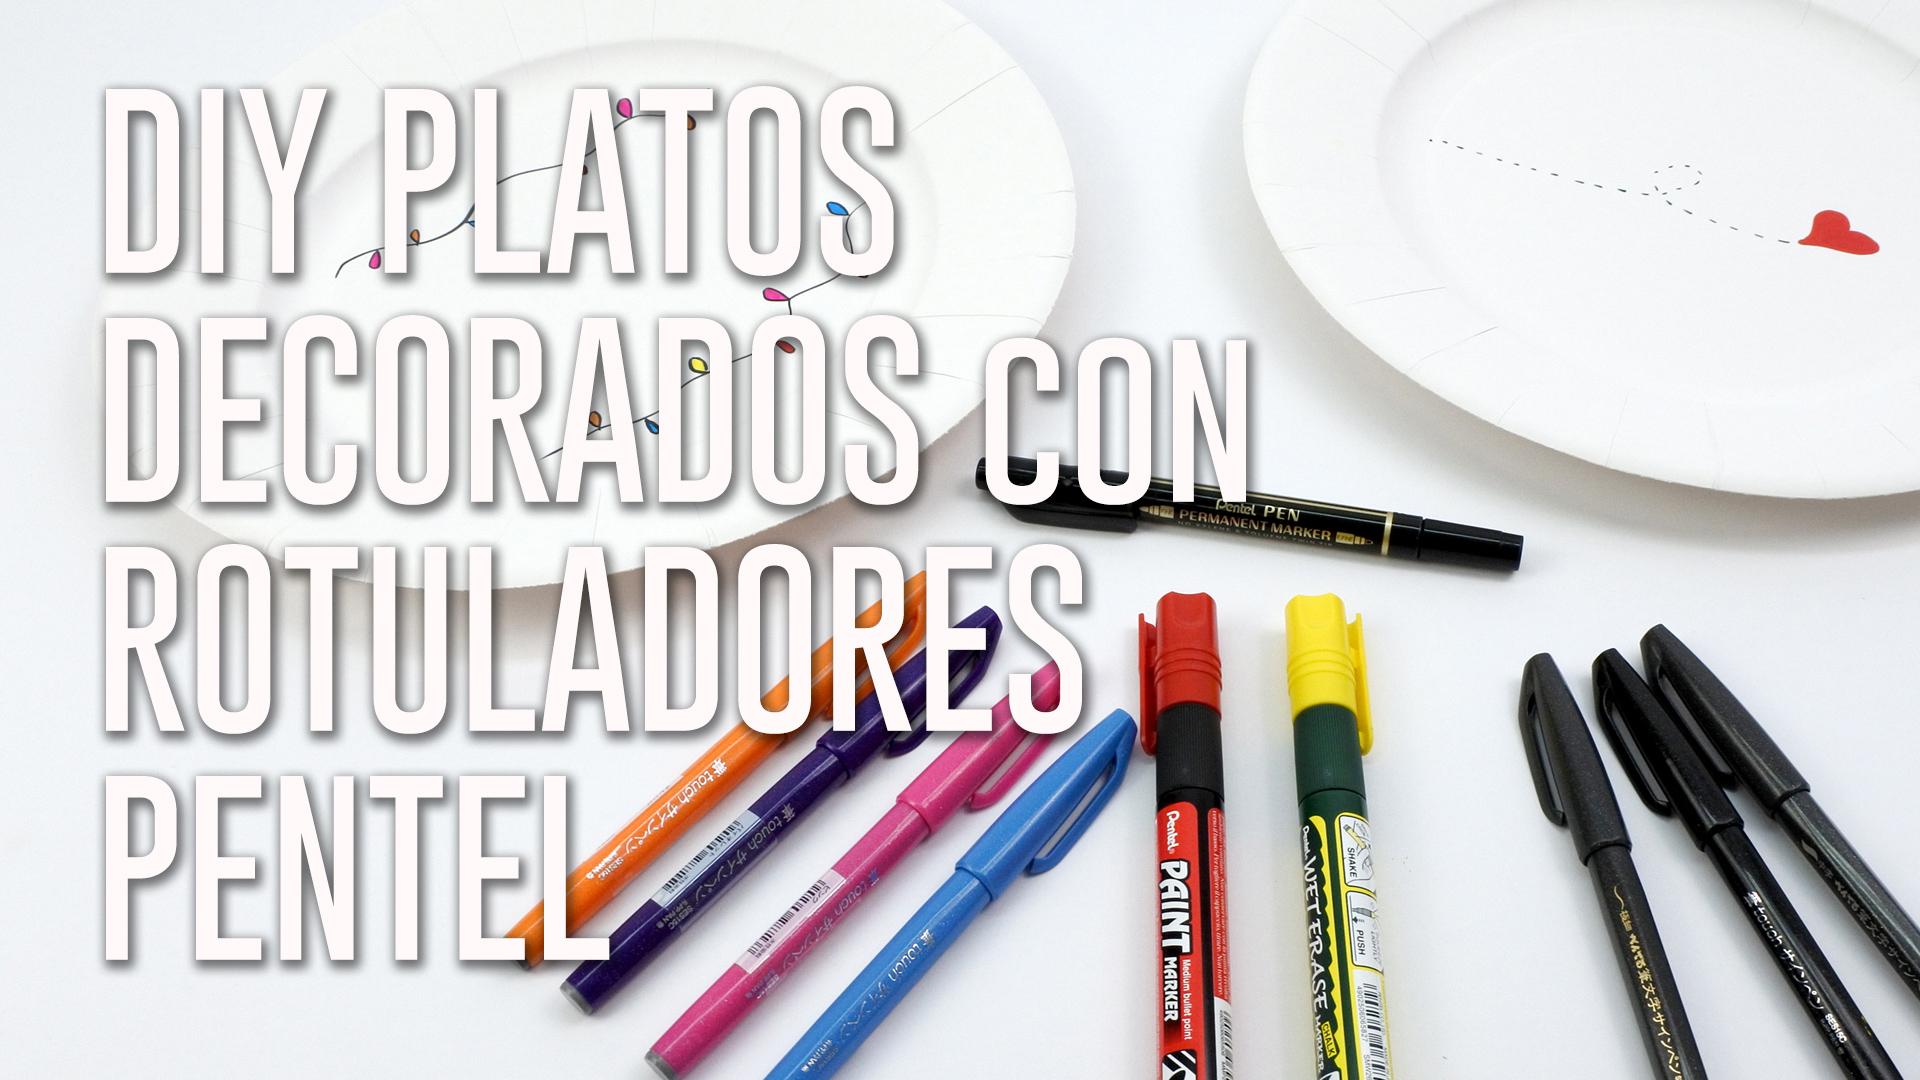 JIPIJAPAS DIY_PENTEL_PLATOS DECORADOS ROTULADORES.00_00_01_15.Imagen fija001